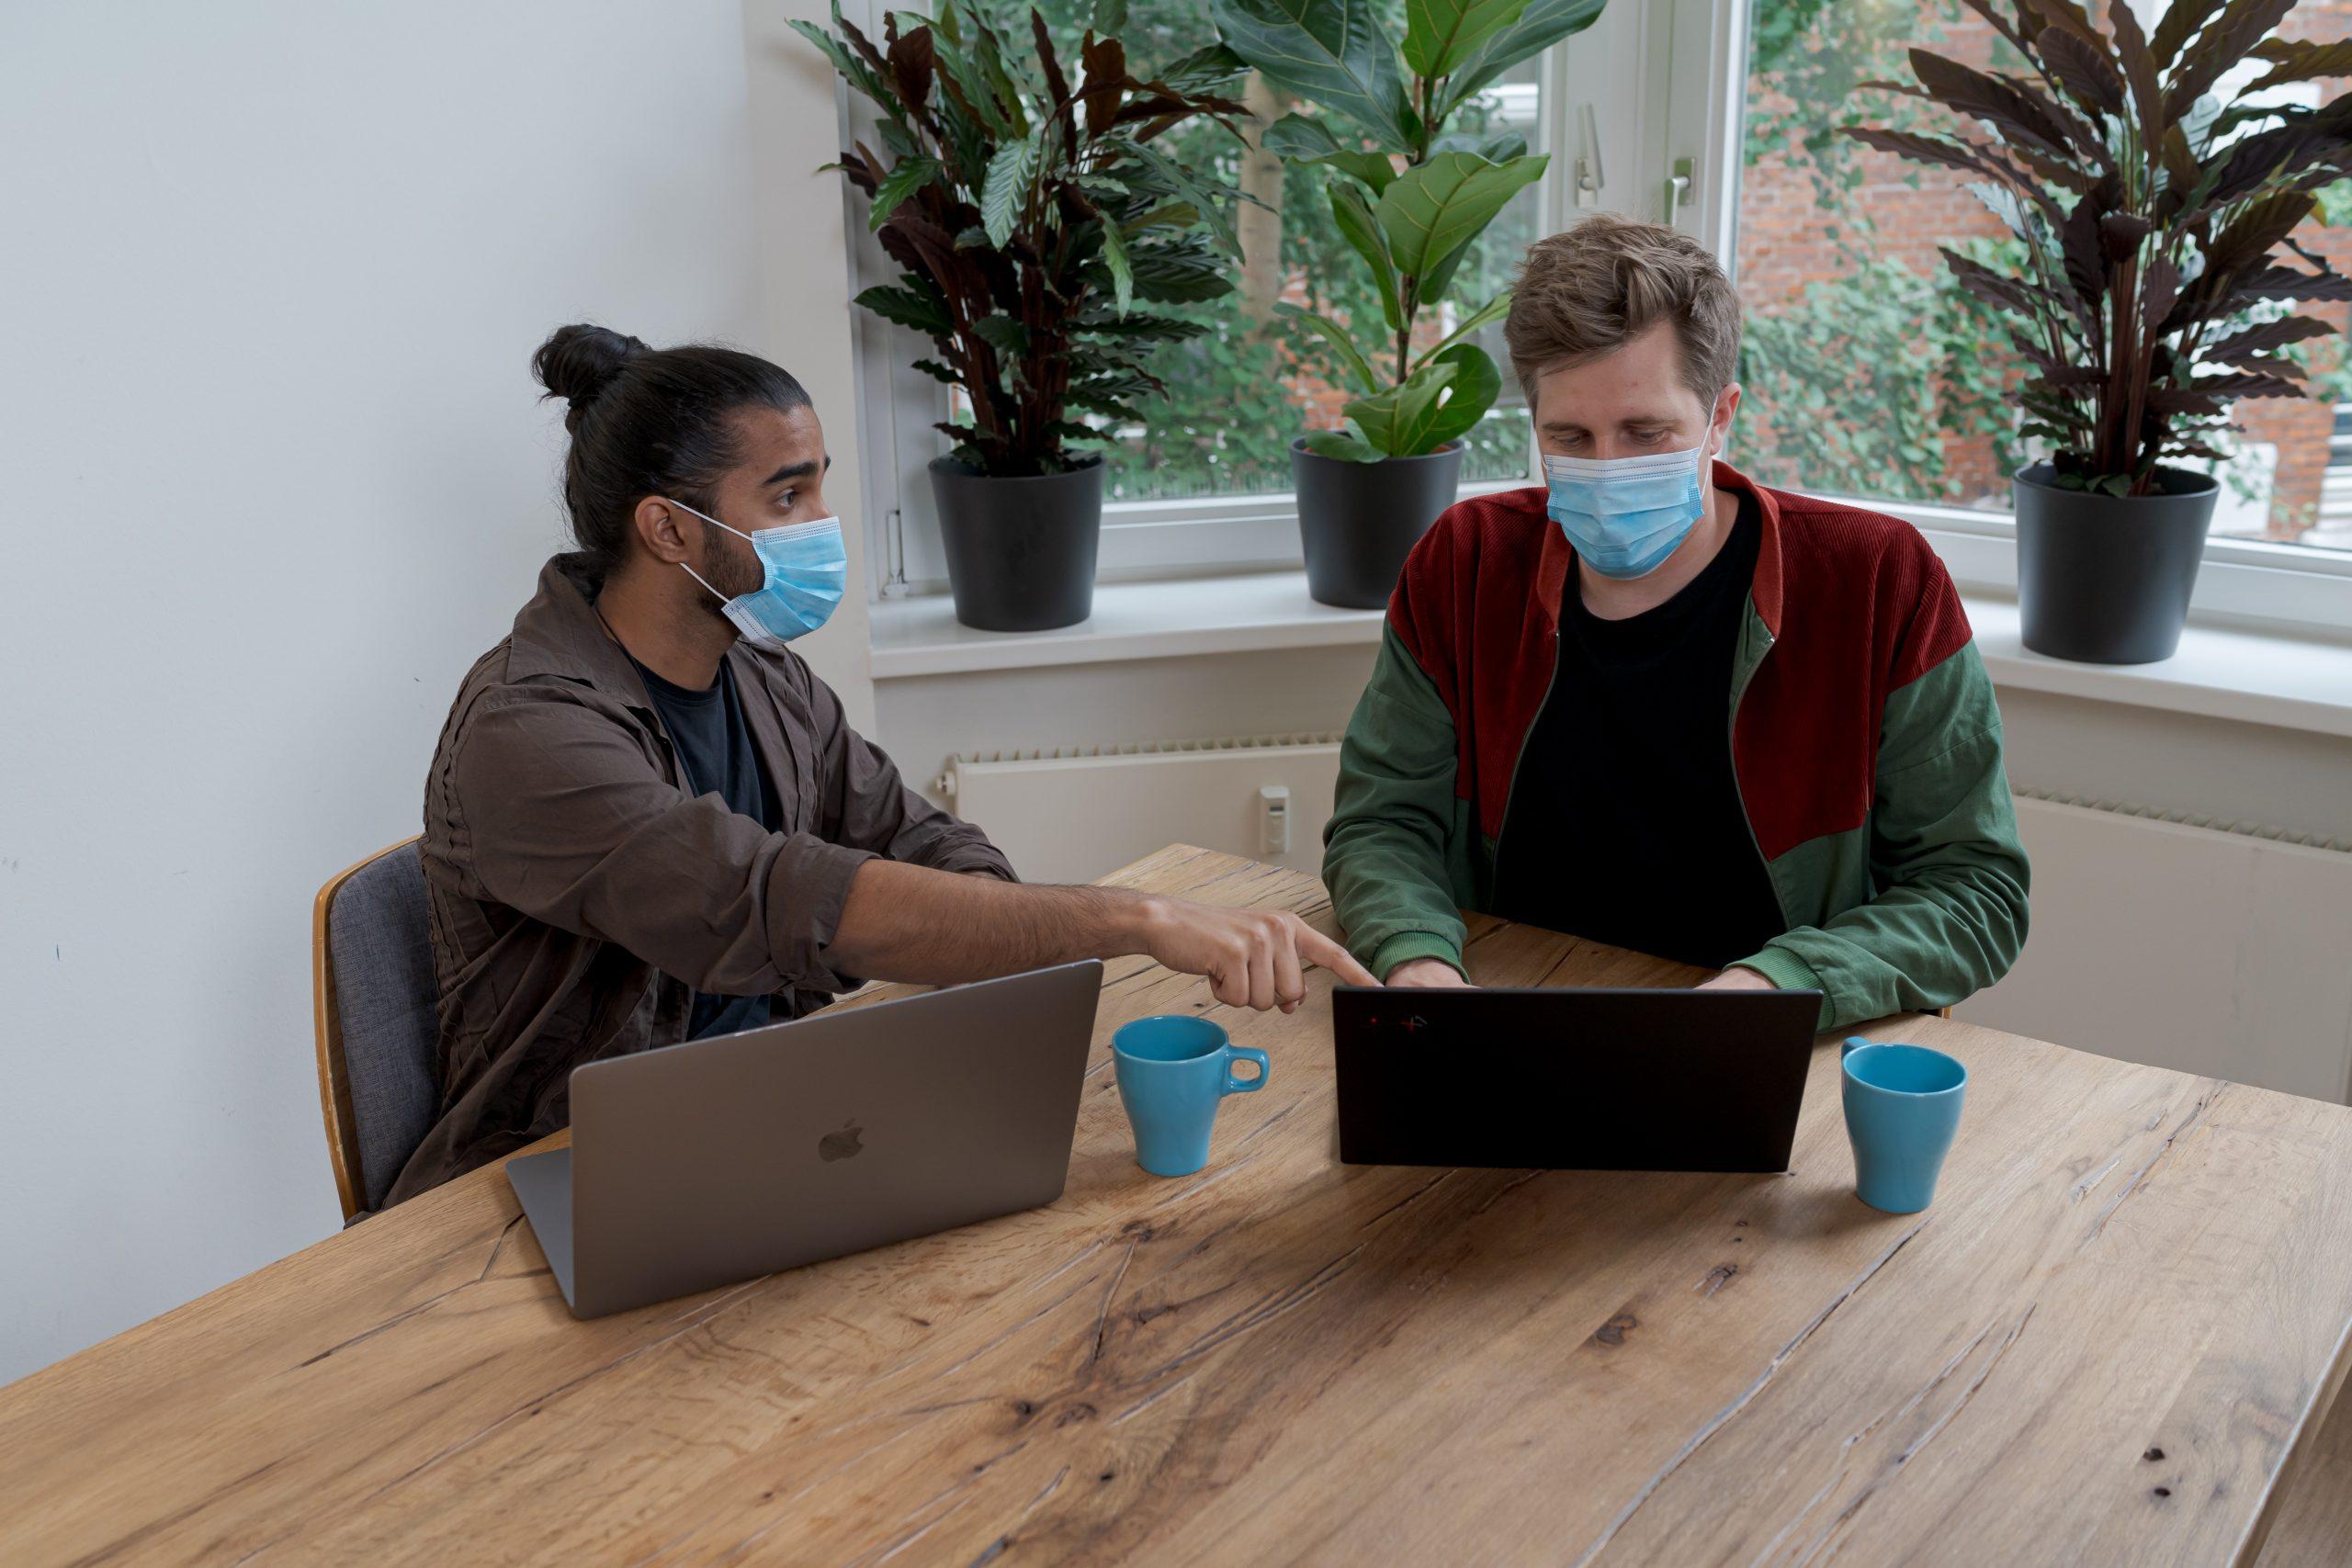 Bilanț COVID-19 București, joi, 23 septembrie. 3,65 la mie este rata de infectare în Capitală